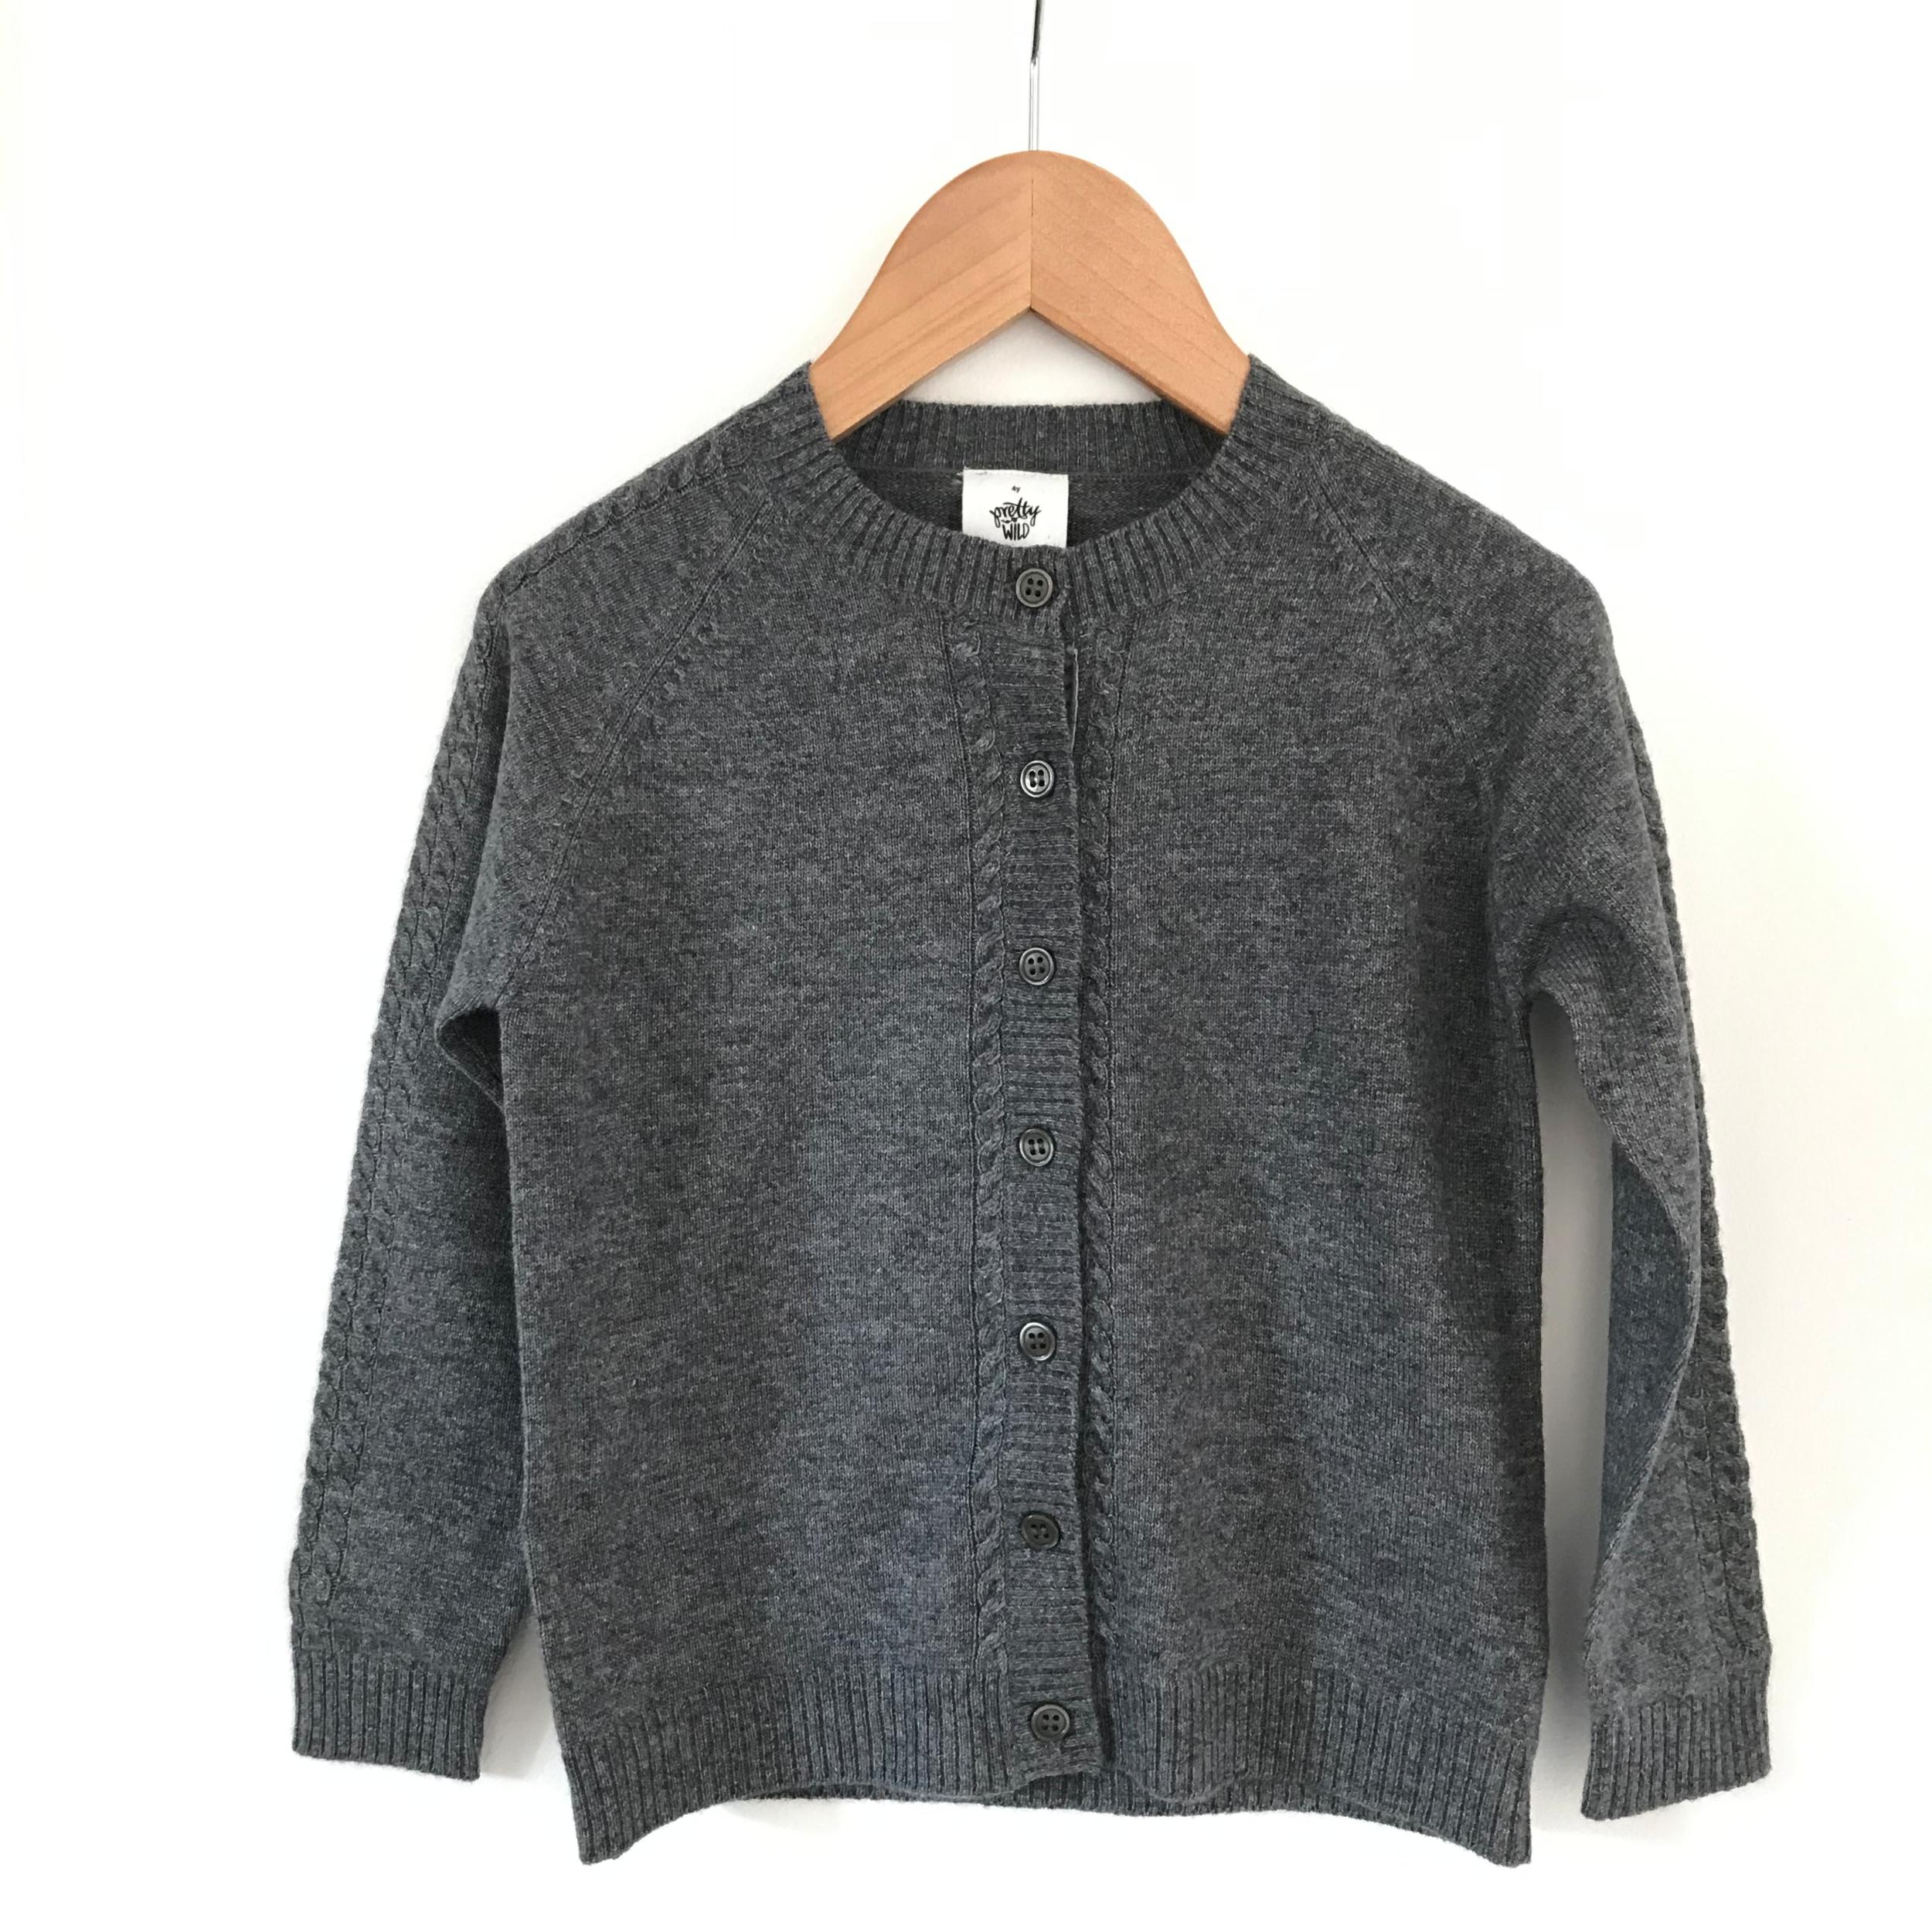 Cardigan Alexis coloris Grey - 12 mois (prix Outlet)